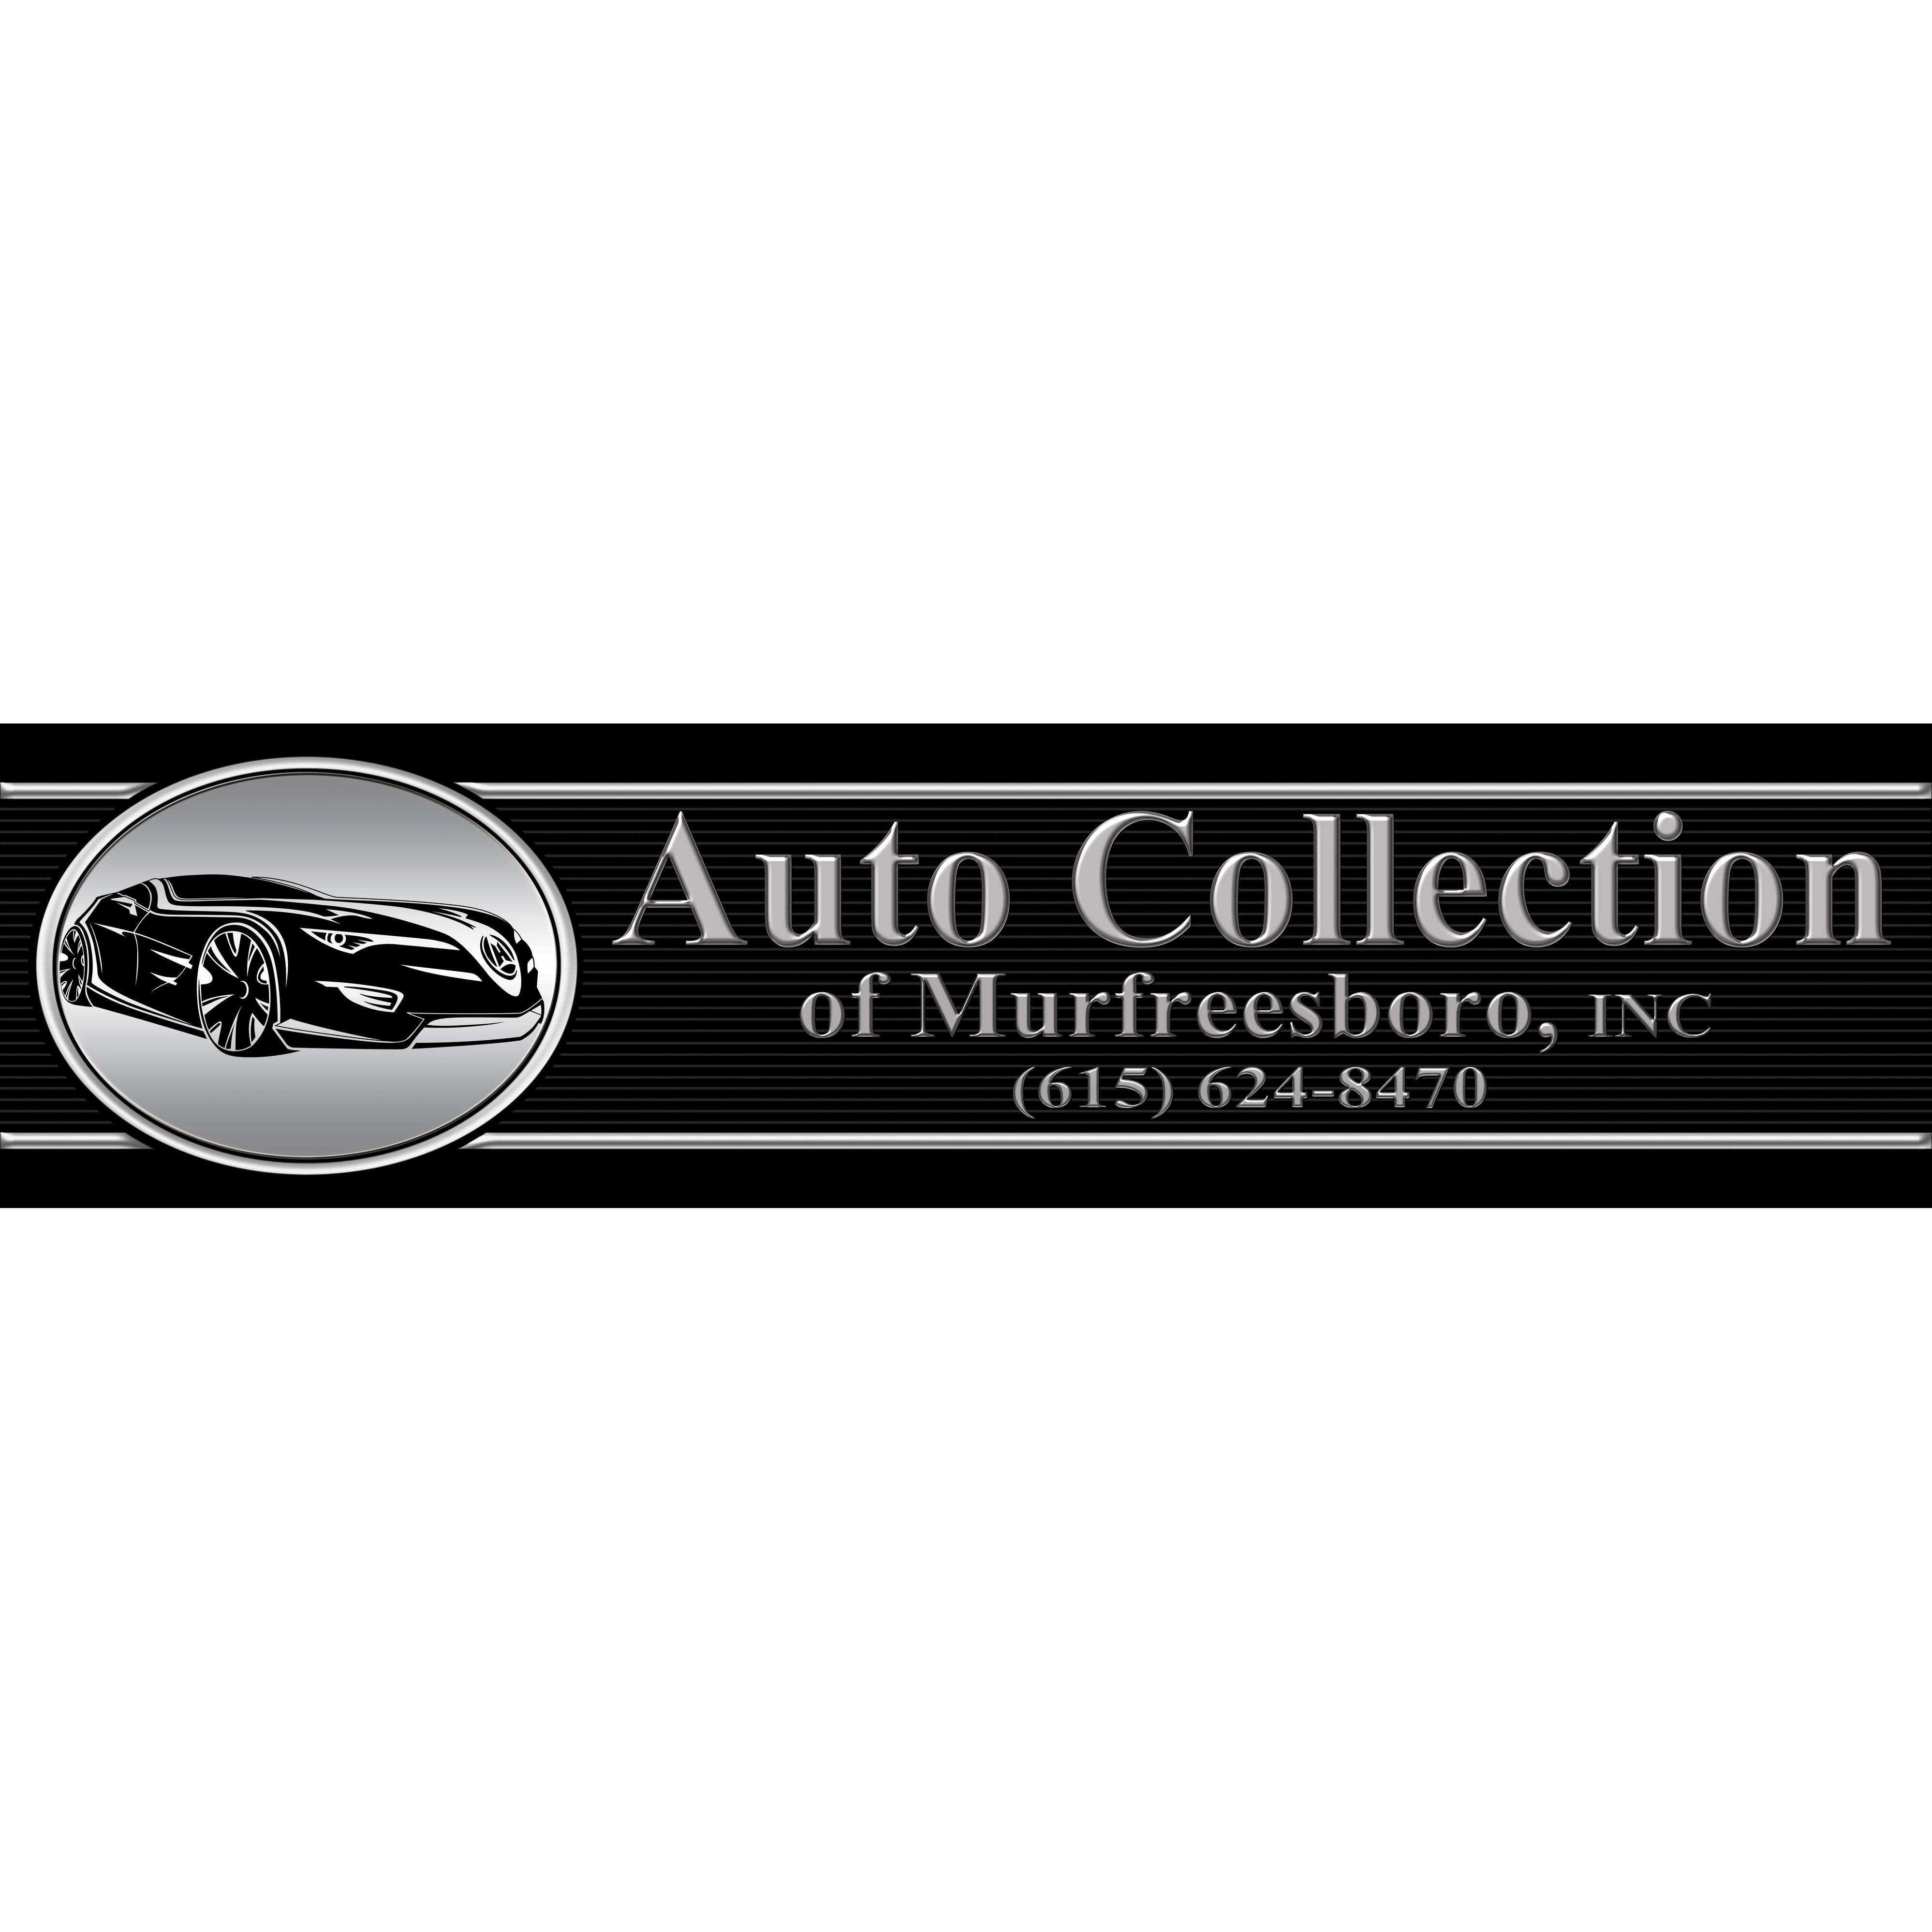 Auto Collection Of Murfreesboro